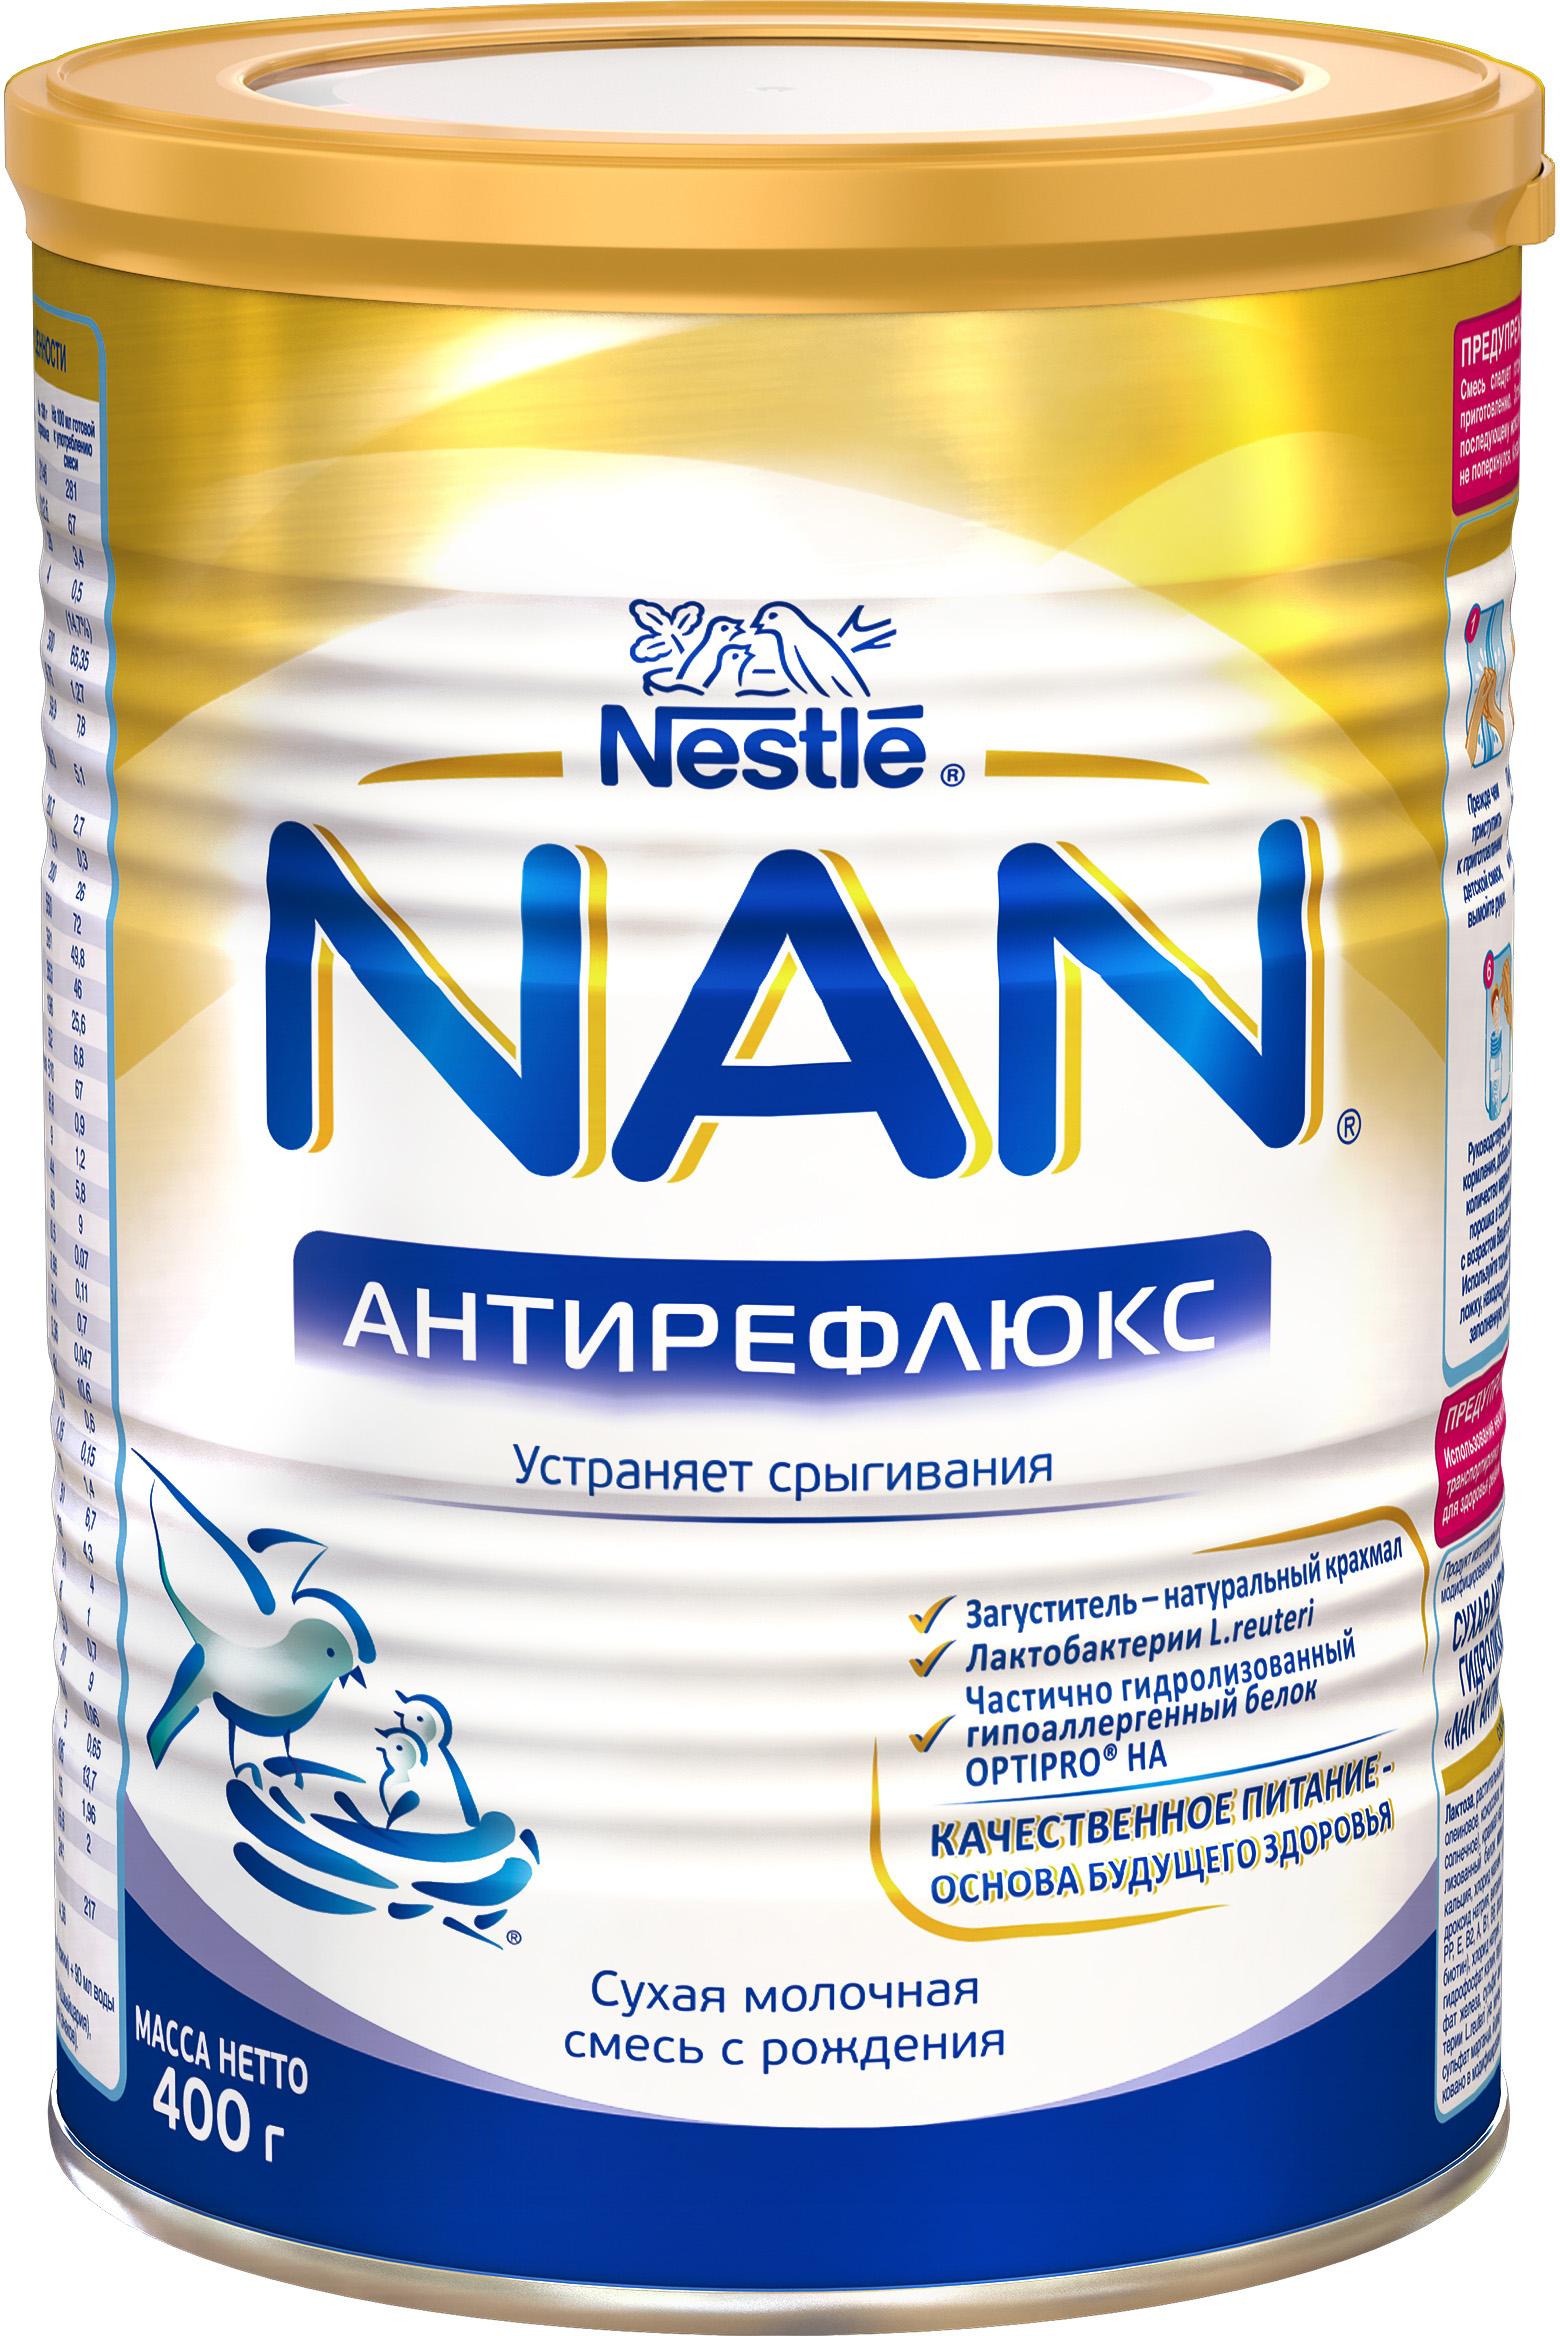 Молочная смесь Nestle NAN (Nestlé) Антирефлюкс (с рождения) 400 г молочная смесь nan pre с рождения 400 гр